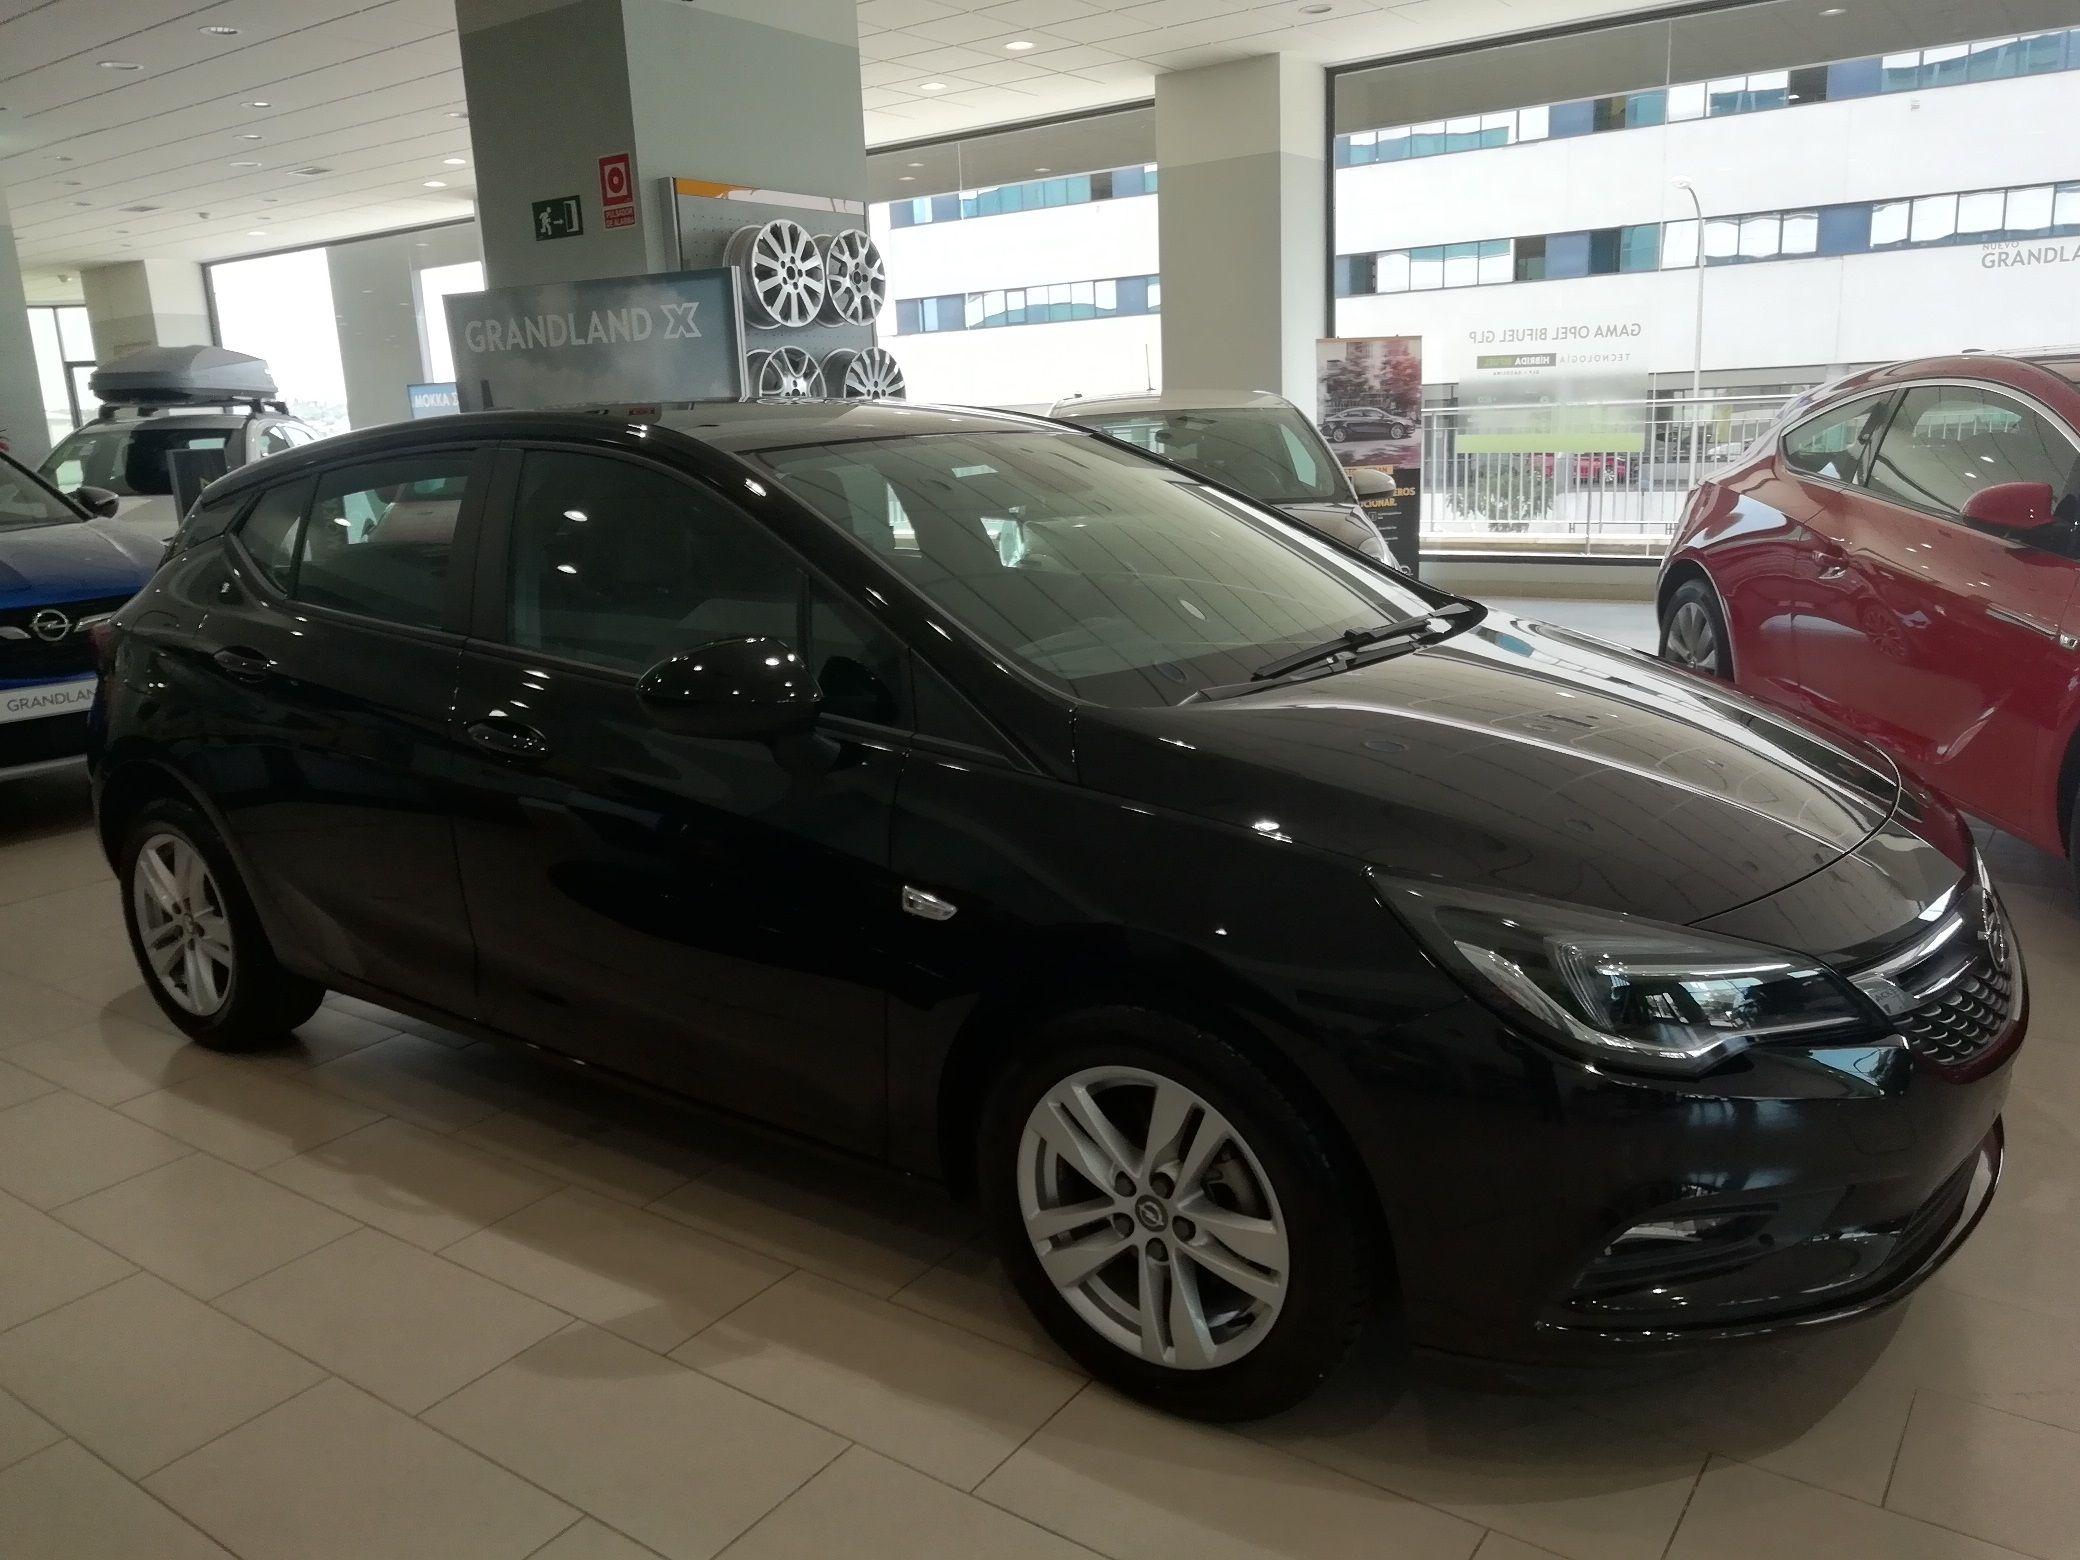 OPEL Astra 1.6 CDTi SS  110CV Selective 5p. - Oferta Mes 15.000€ !!!!!!!!!!